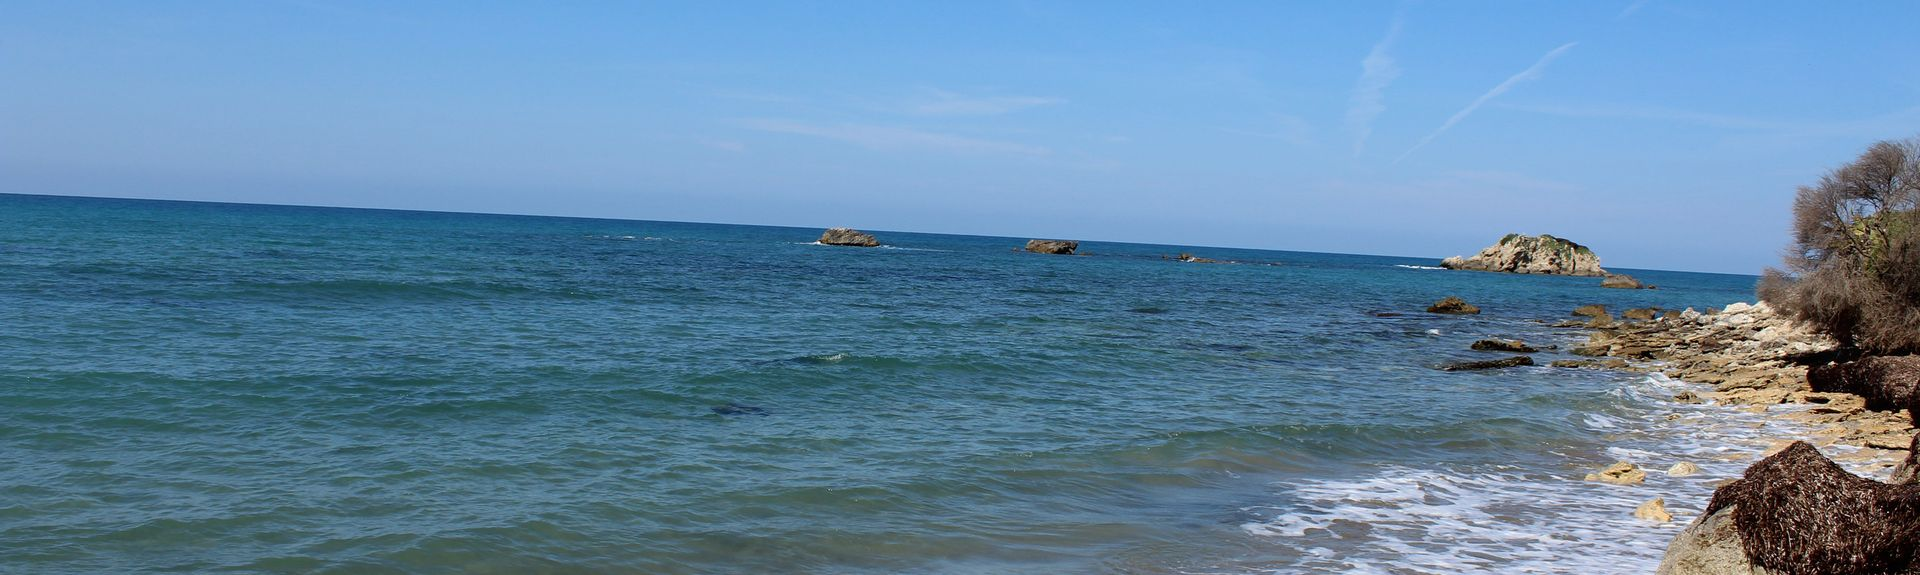 Παραλία Ίσσος, Πελοπόννησος, Ελλάδα